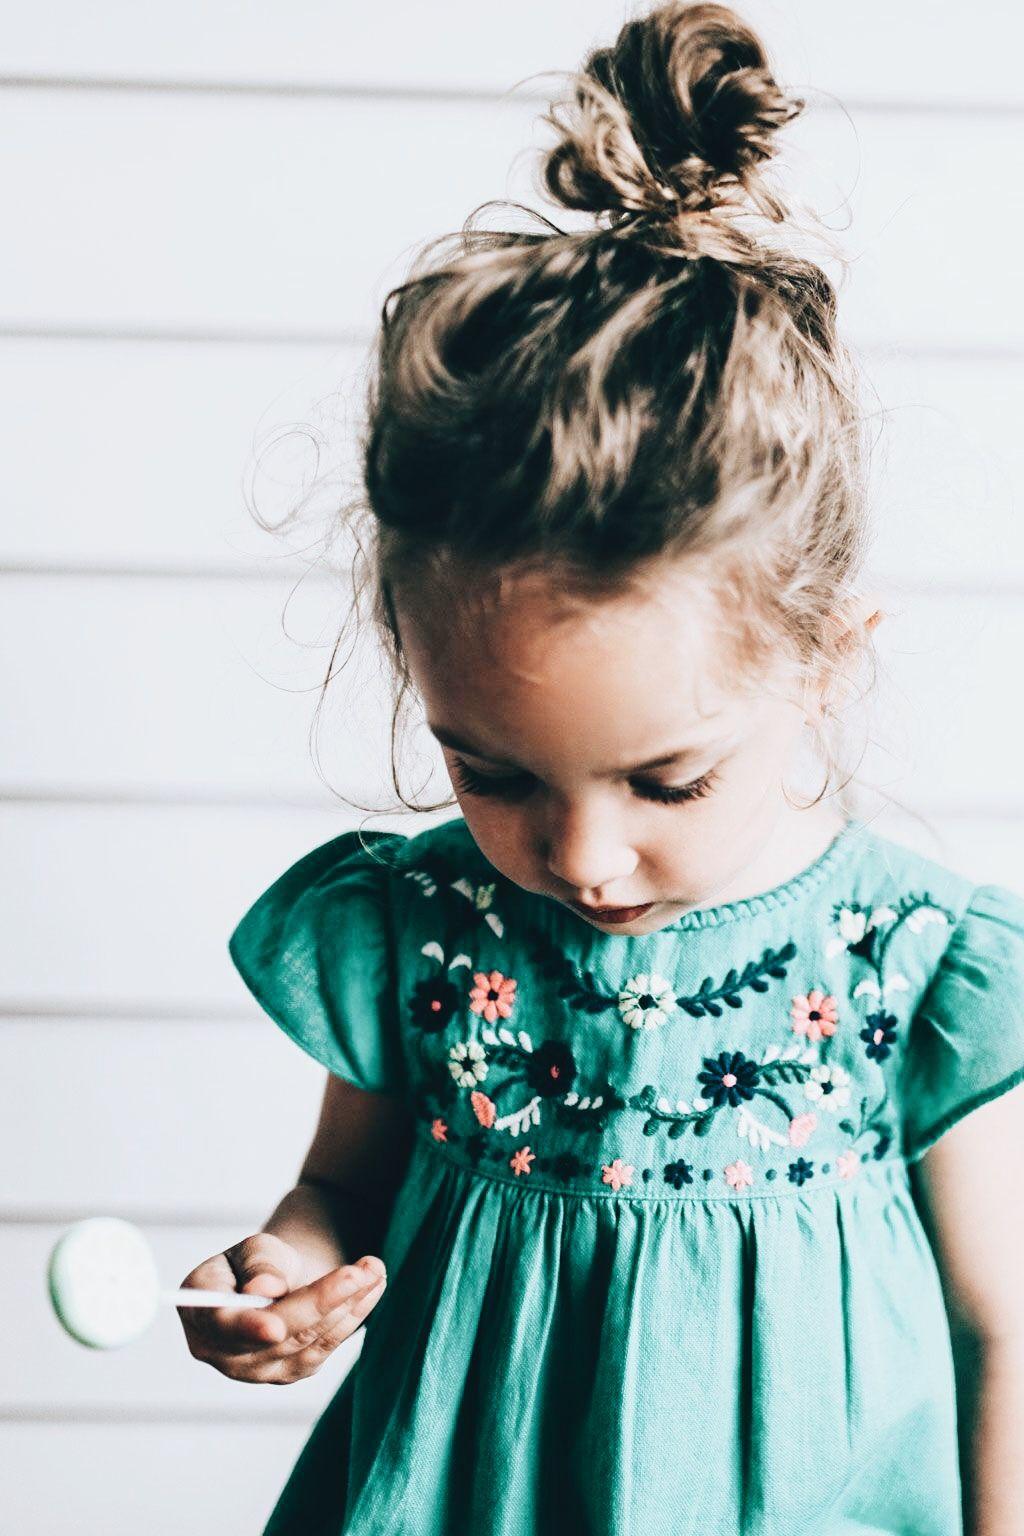 695e7da4c254f0d Одежда Для Новорожденной Девочки, Платья Для Маленьких Девочек, Детская  Летняя Мода, Fashion Kids